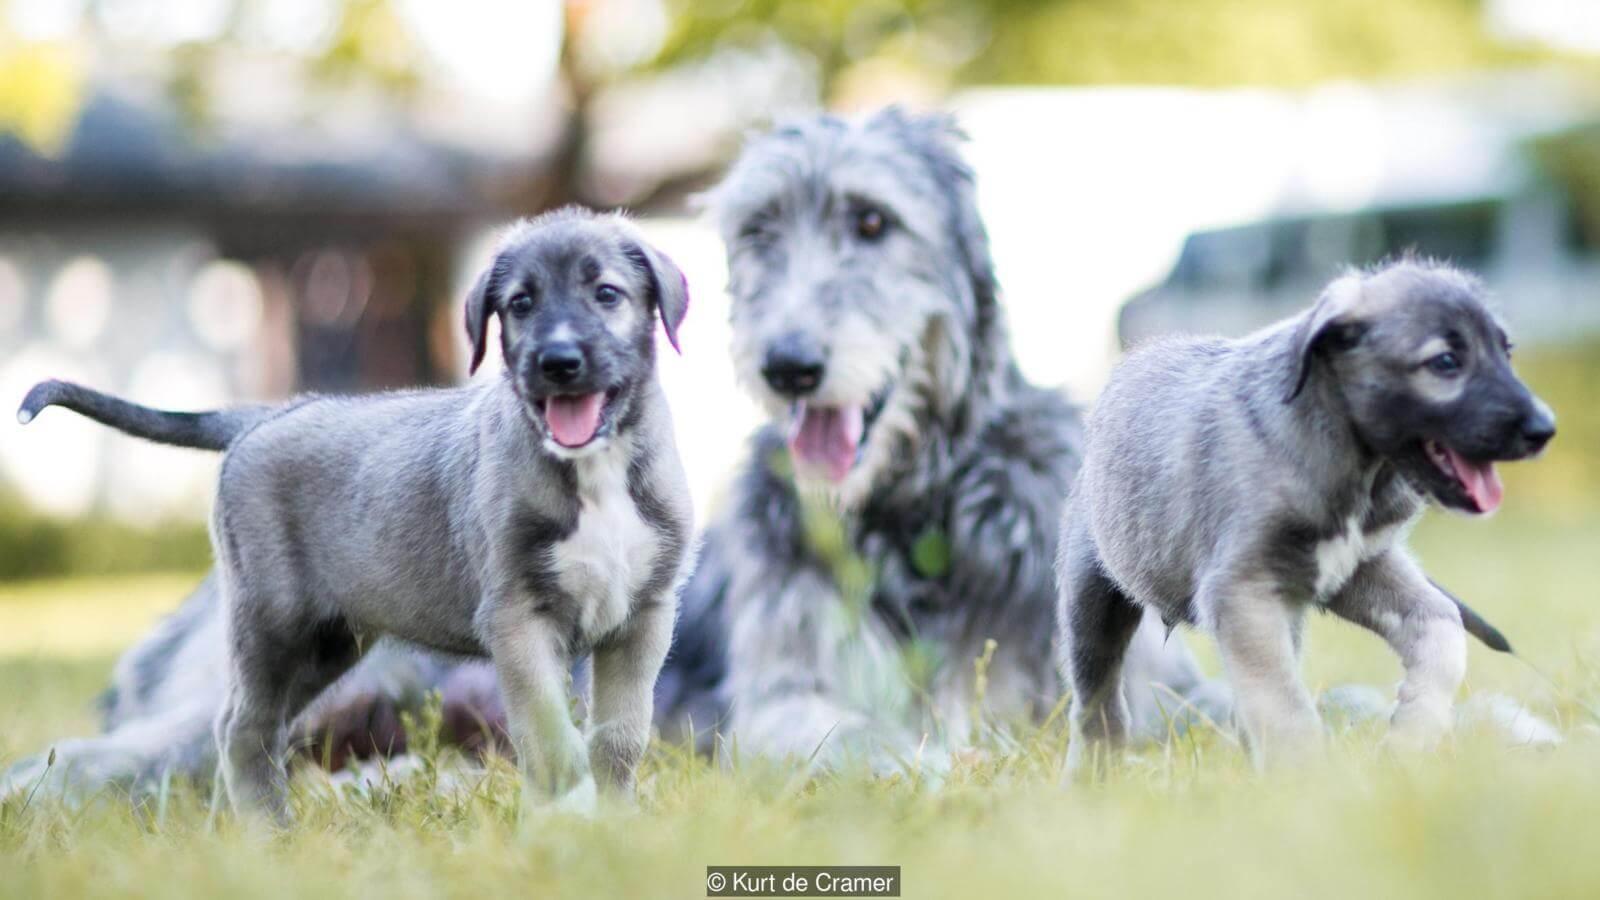 gemelos-identicos-de-perro-3